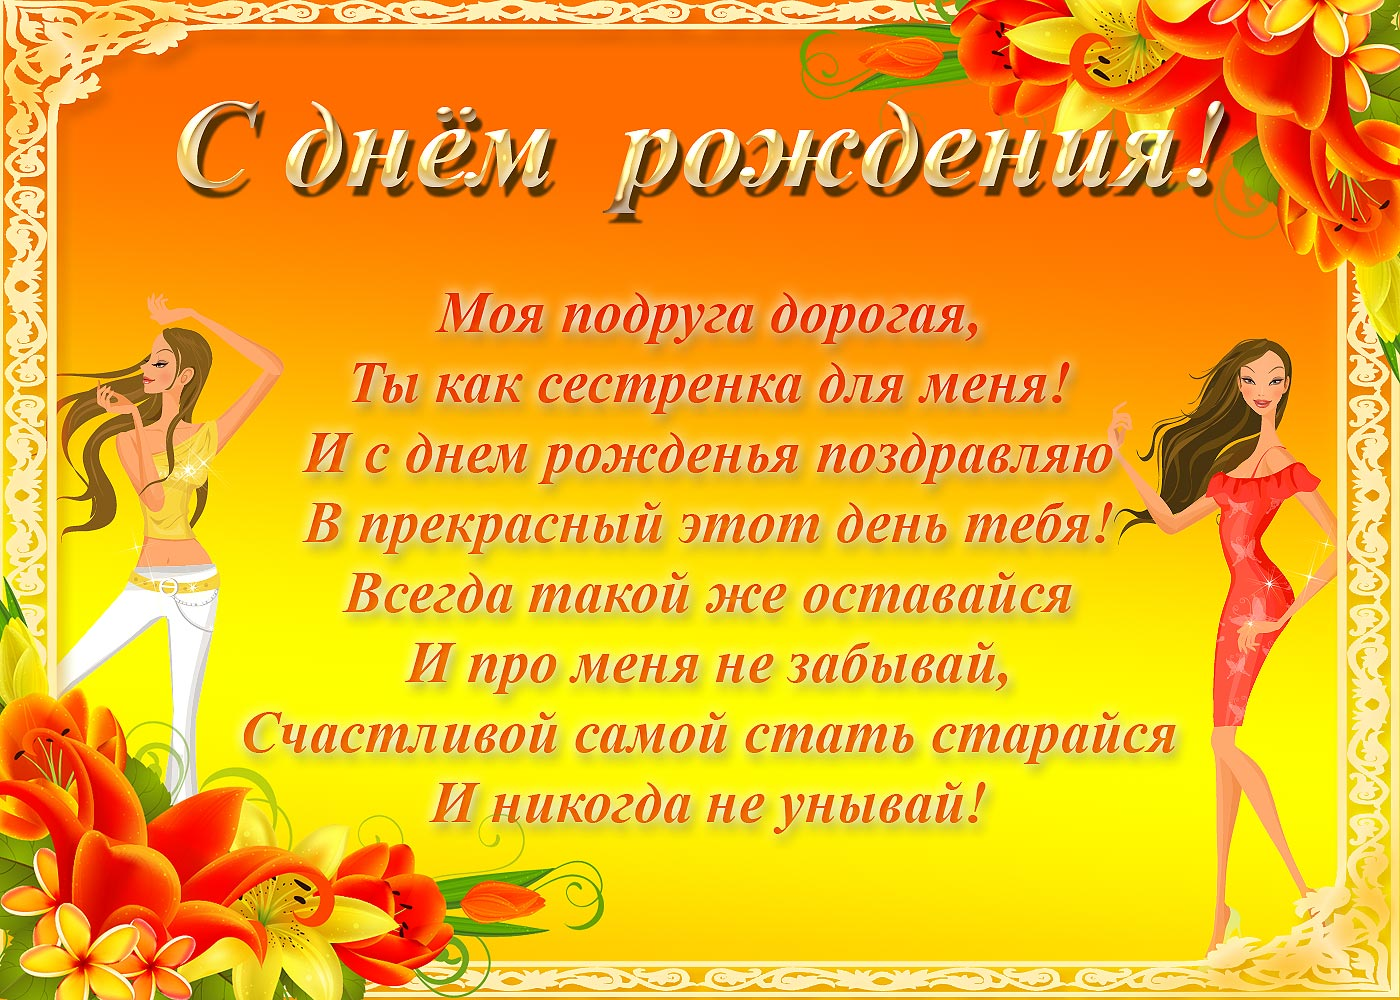 С днем рождения подруге красивые открытка